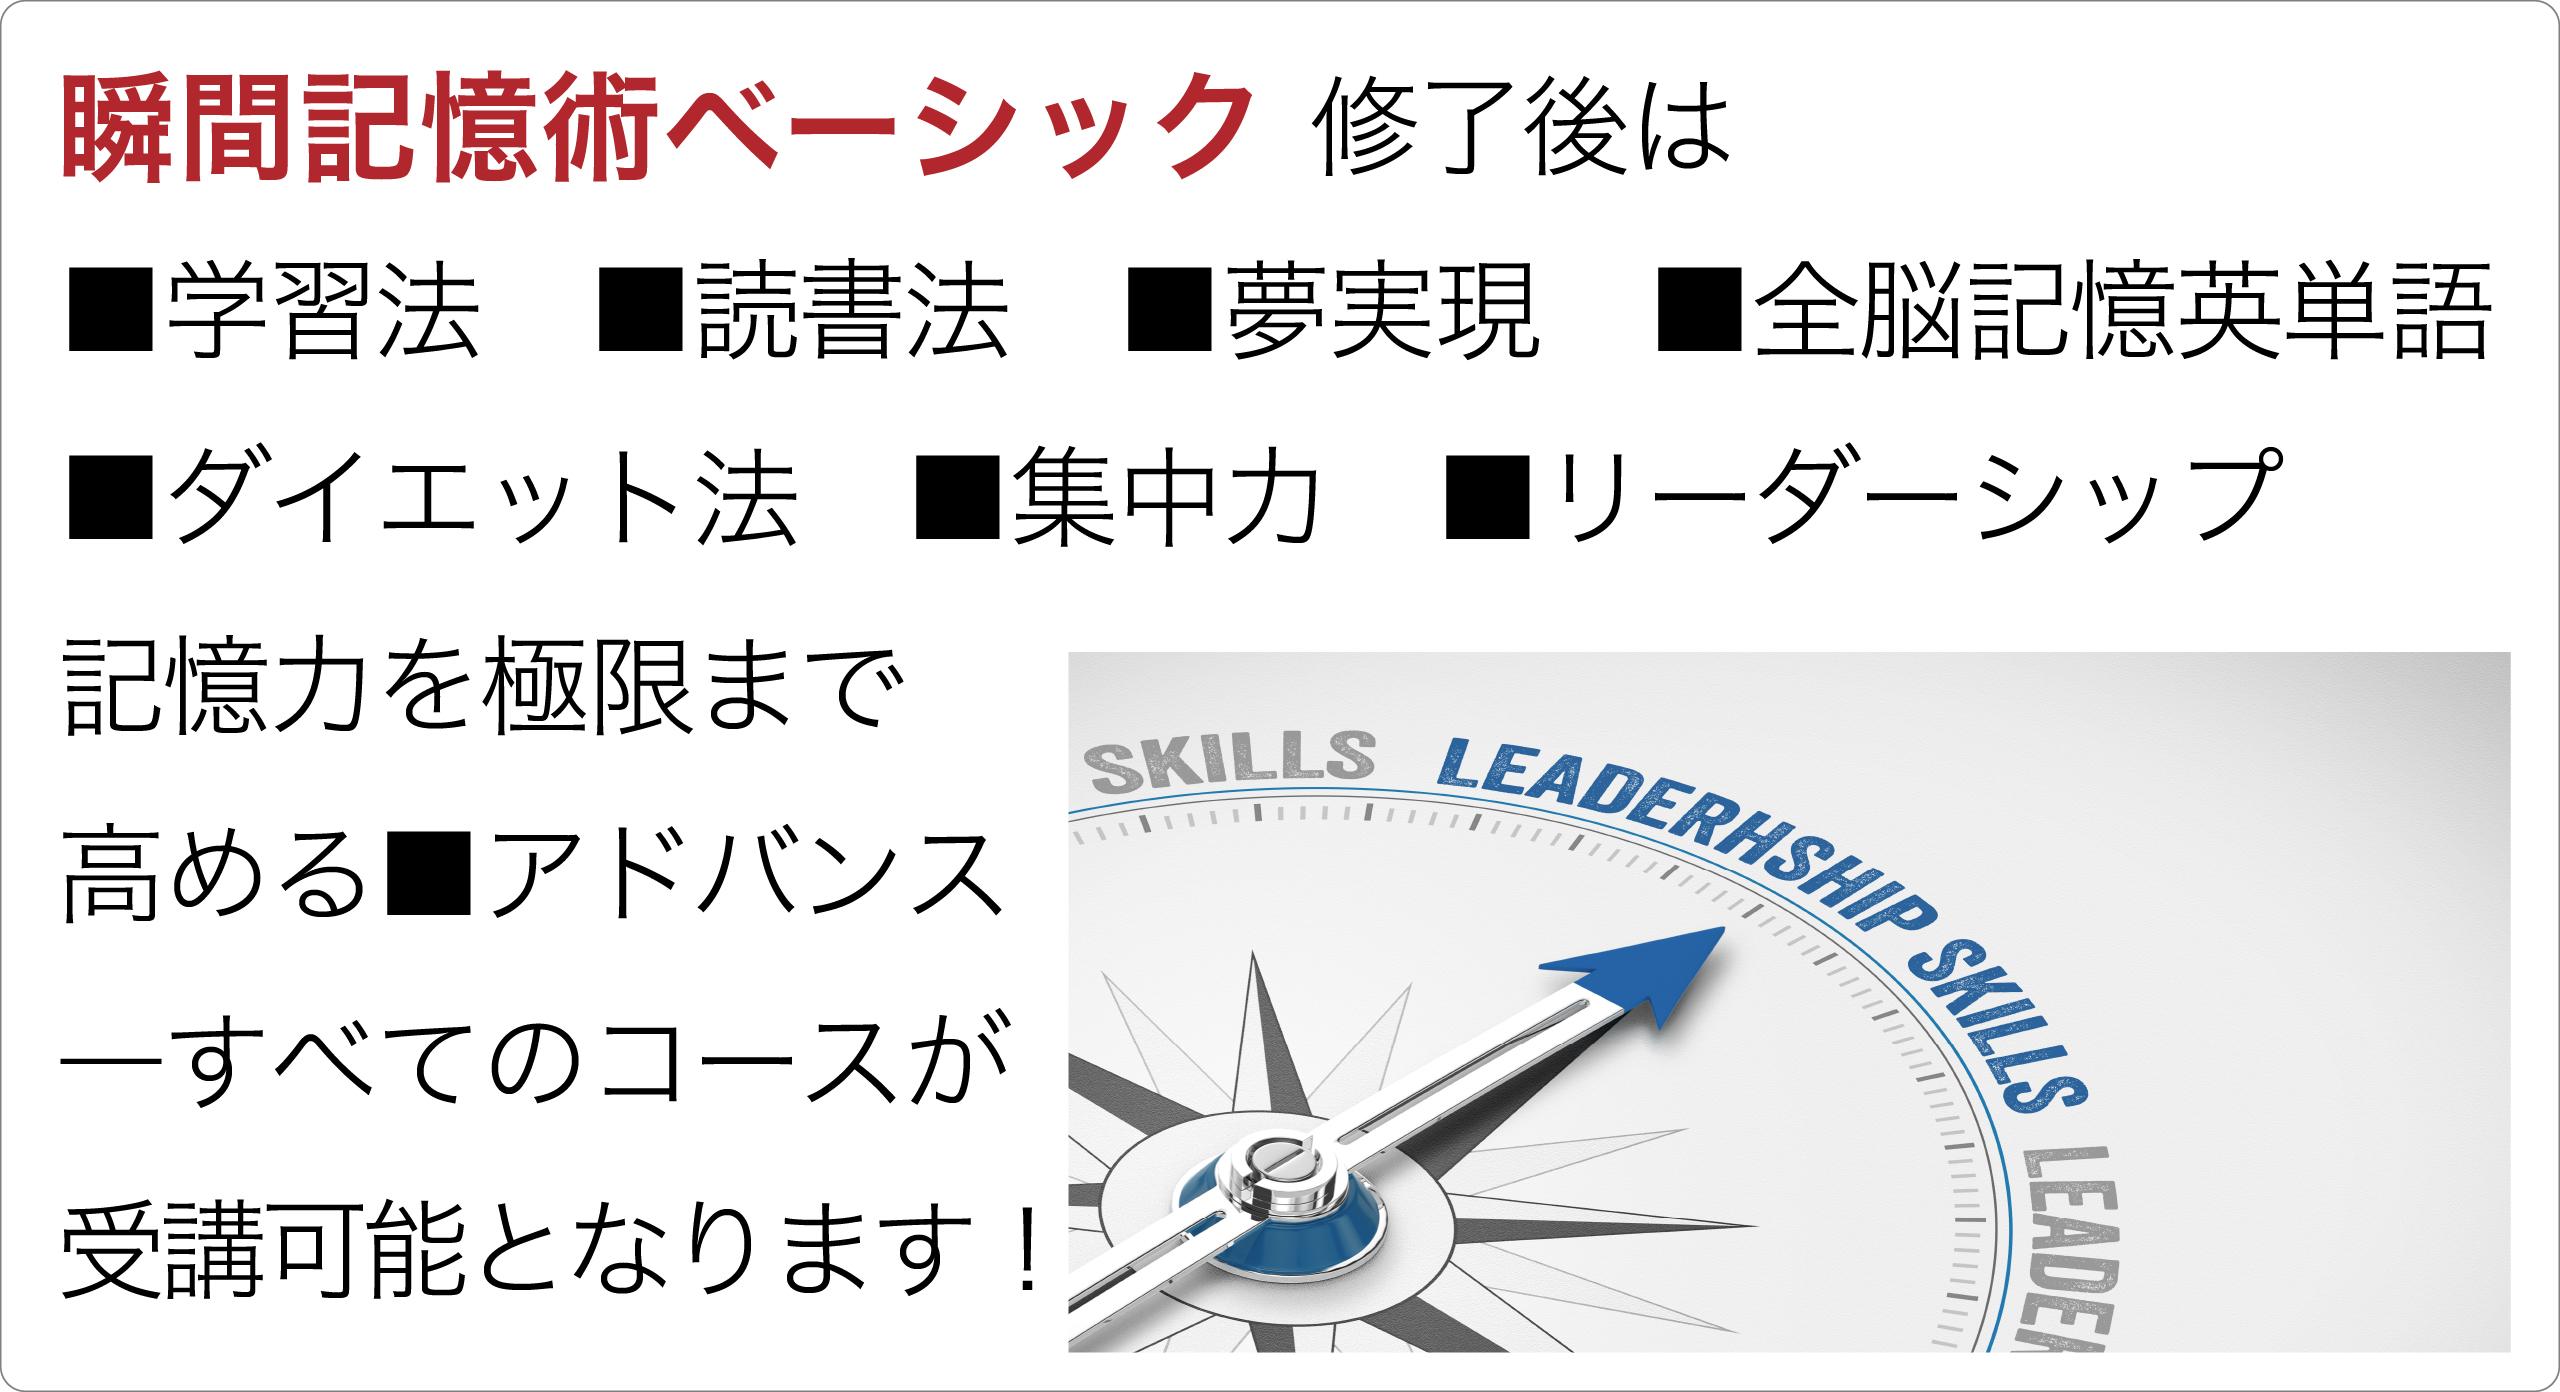 瞬間記憶術アドバンス・学習法・読書法